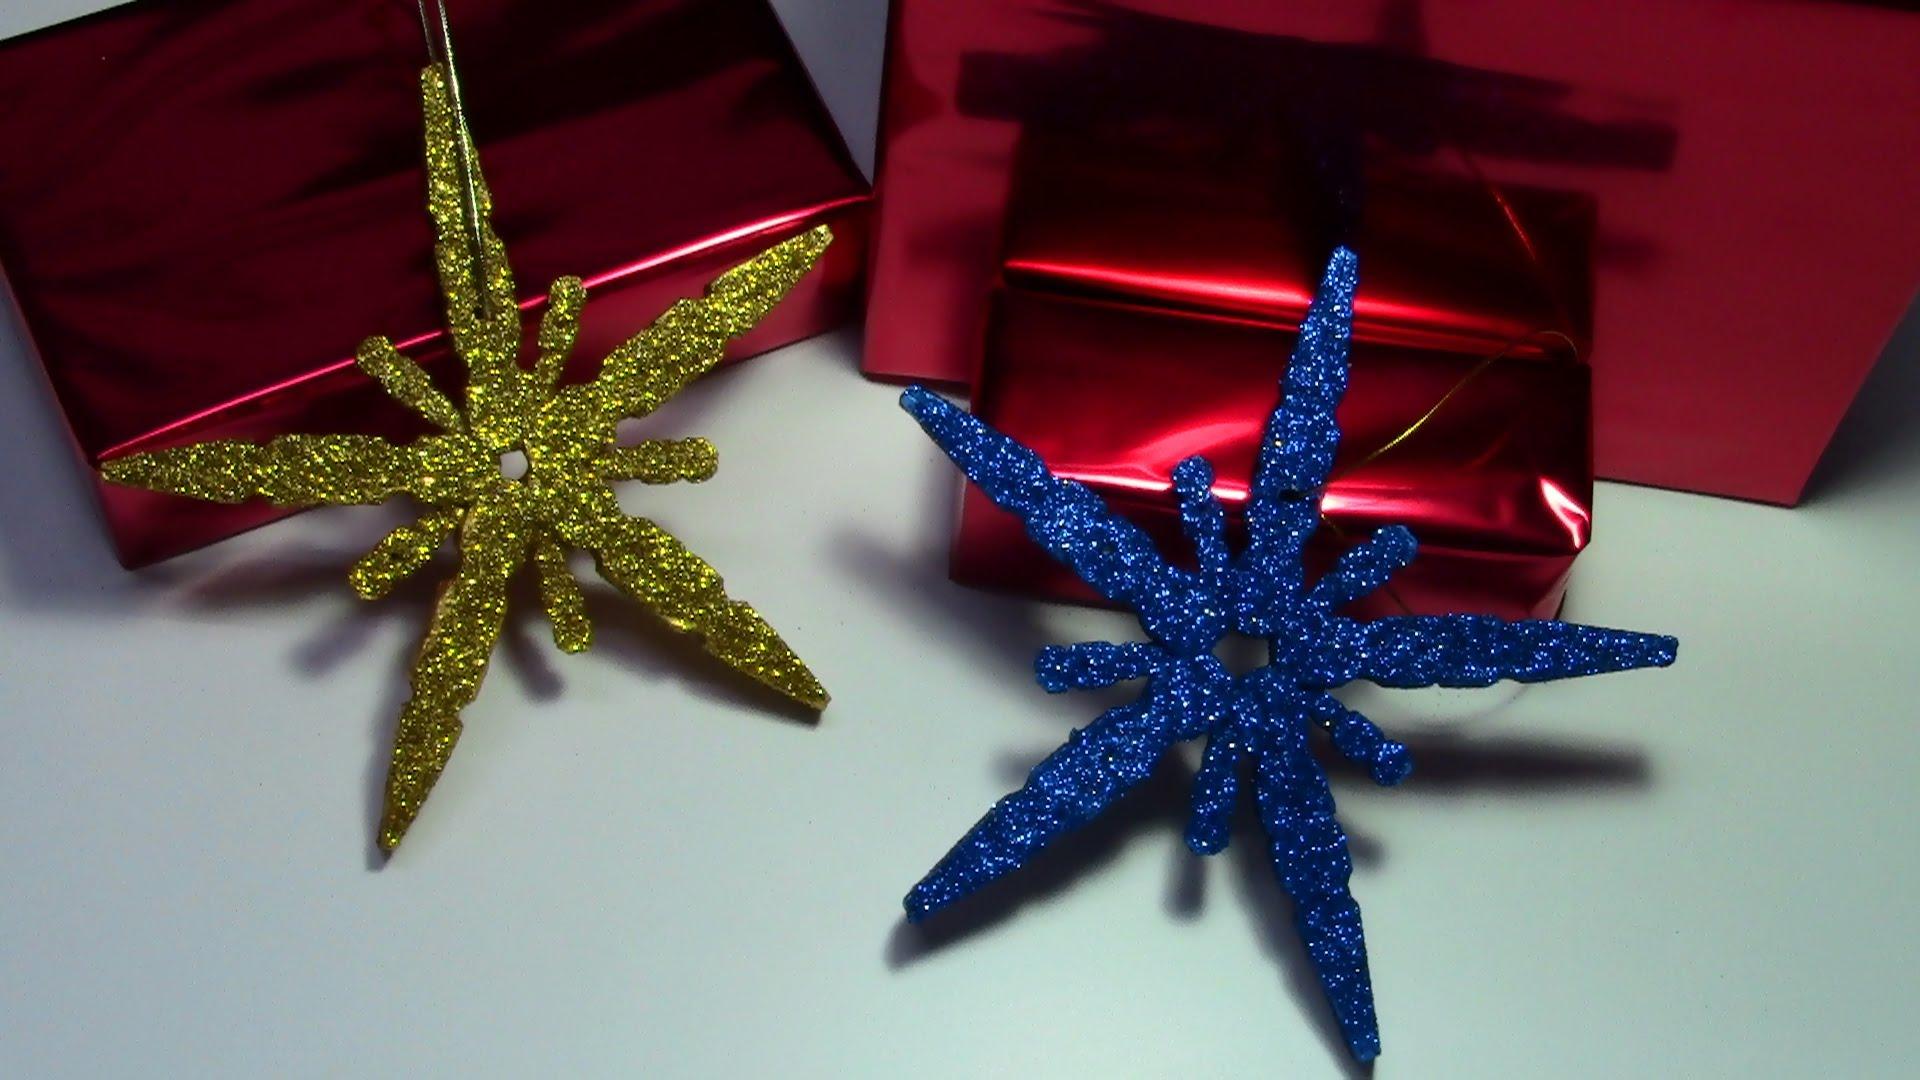 Estrella de Nochebuena, la protagonista de la Navidad